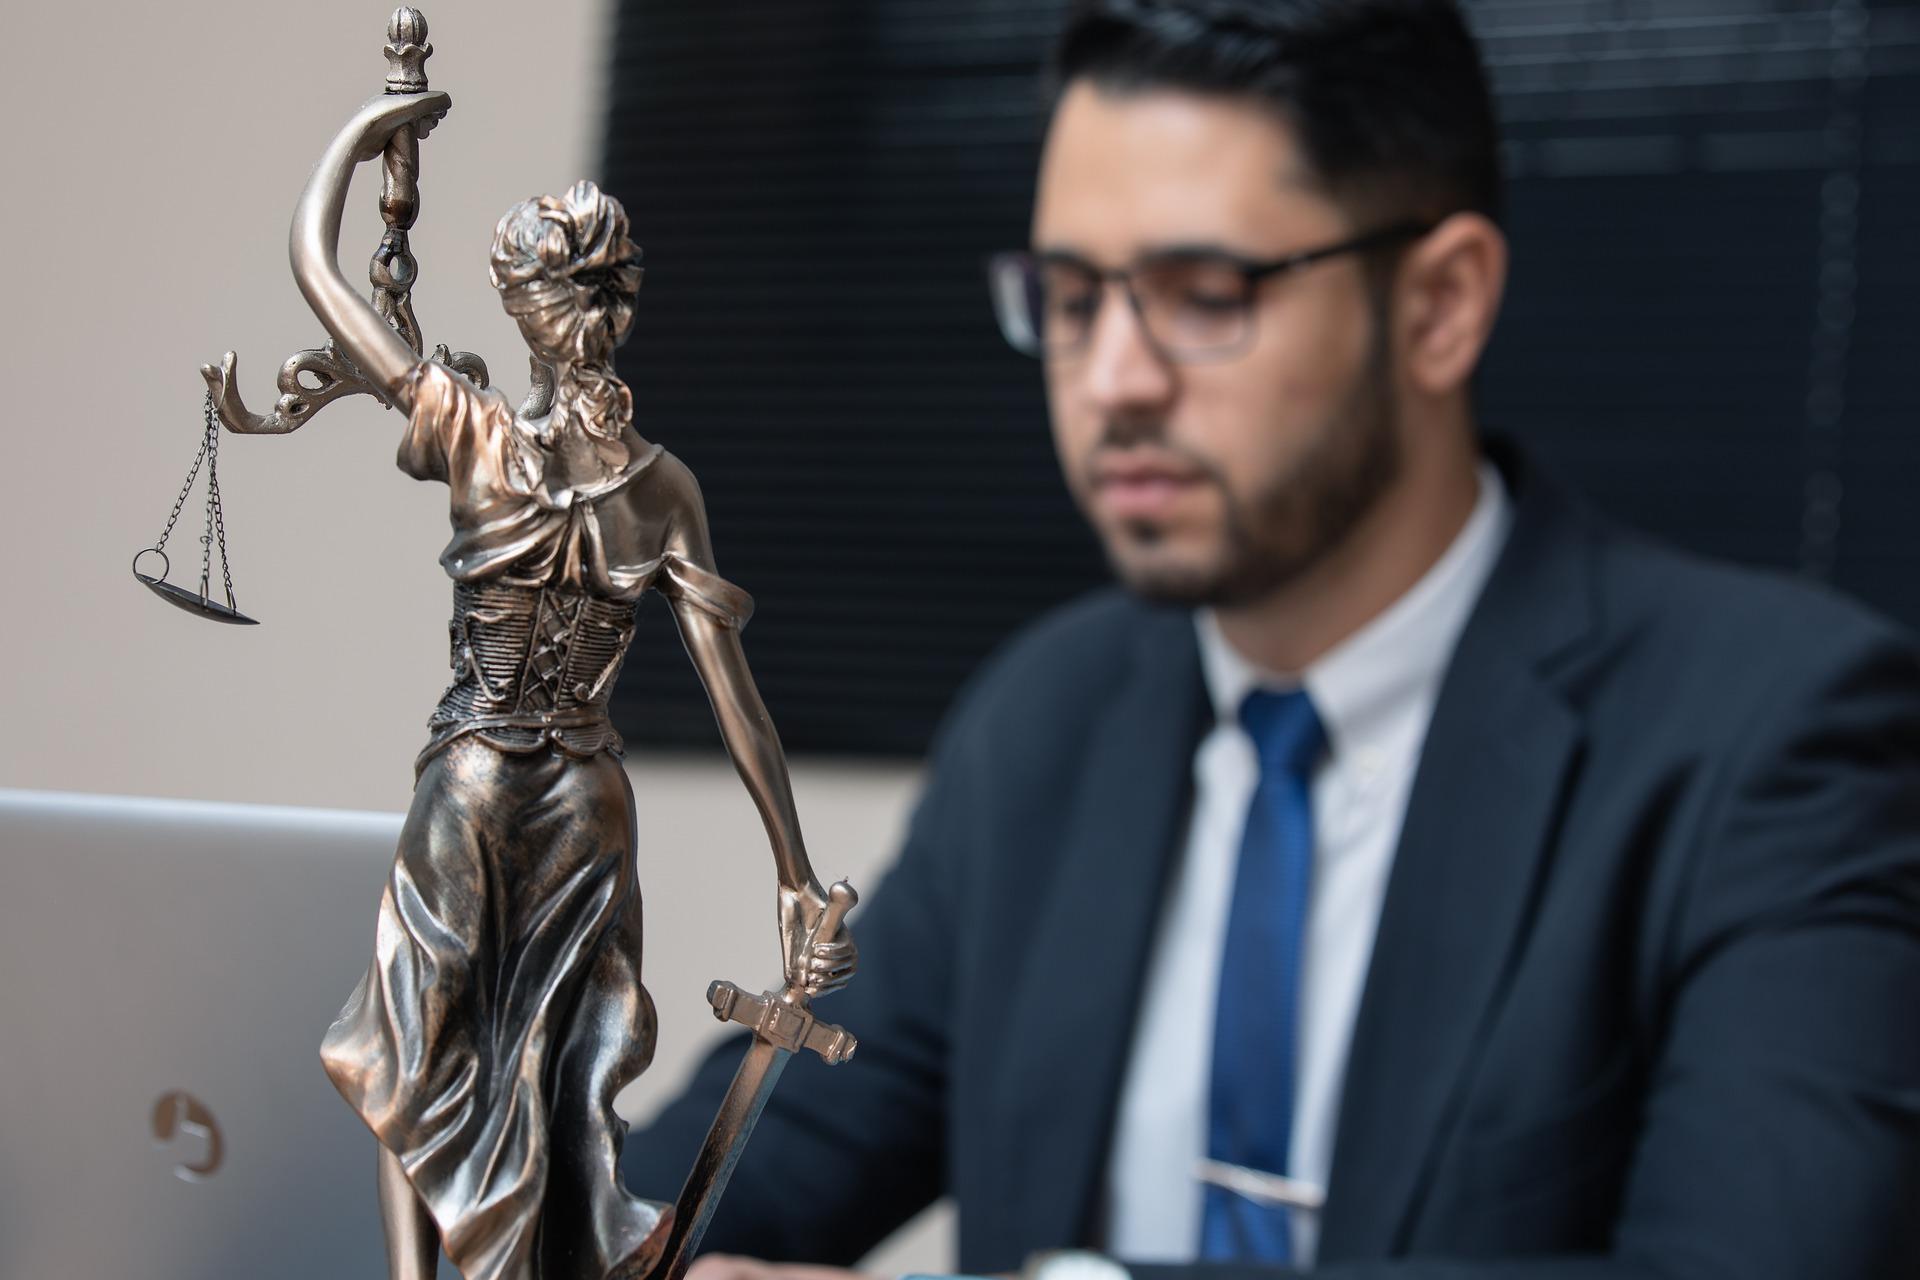 Rechtsanwalt werden in Österreich – Voraussetzung, Ausbildung und Verdienstmöglichkeiten